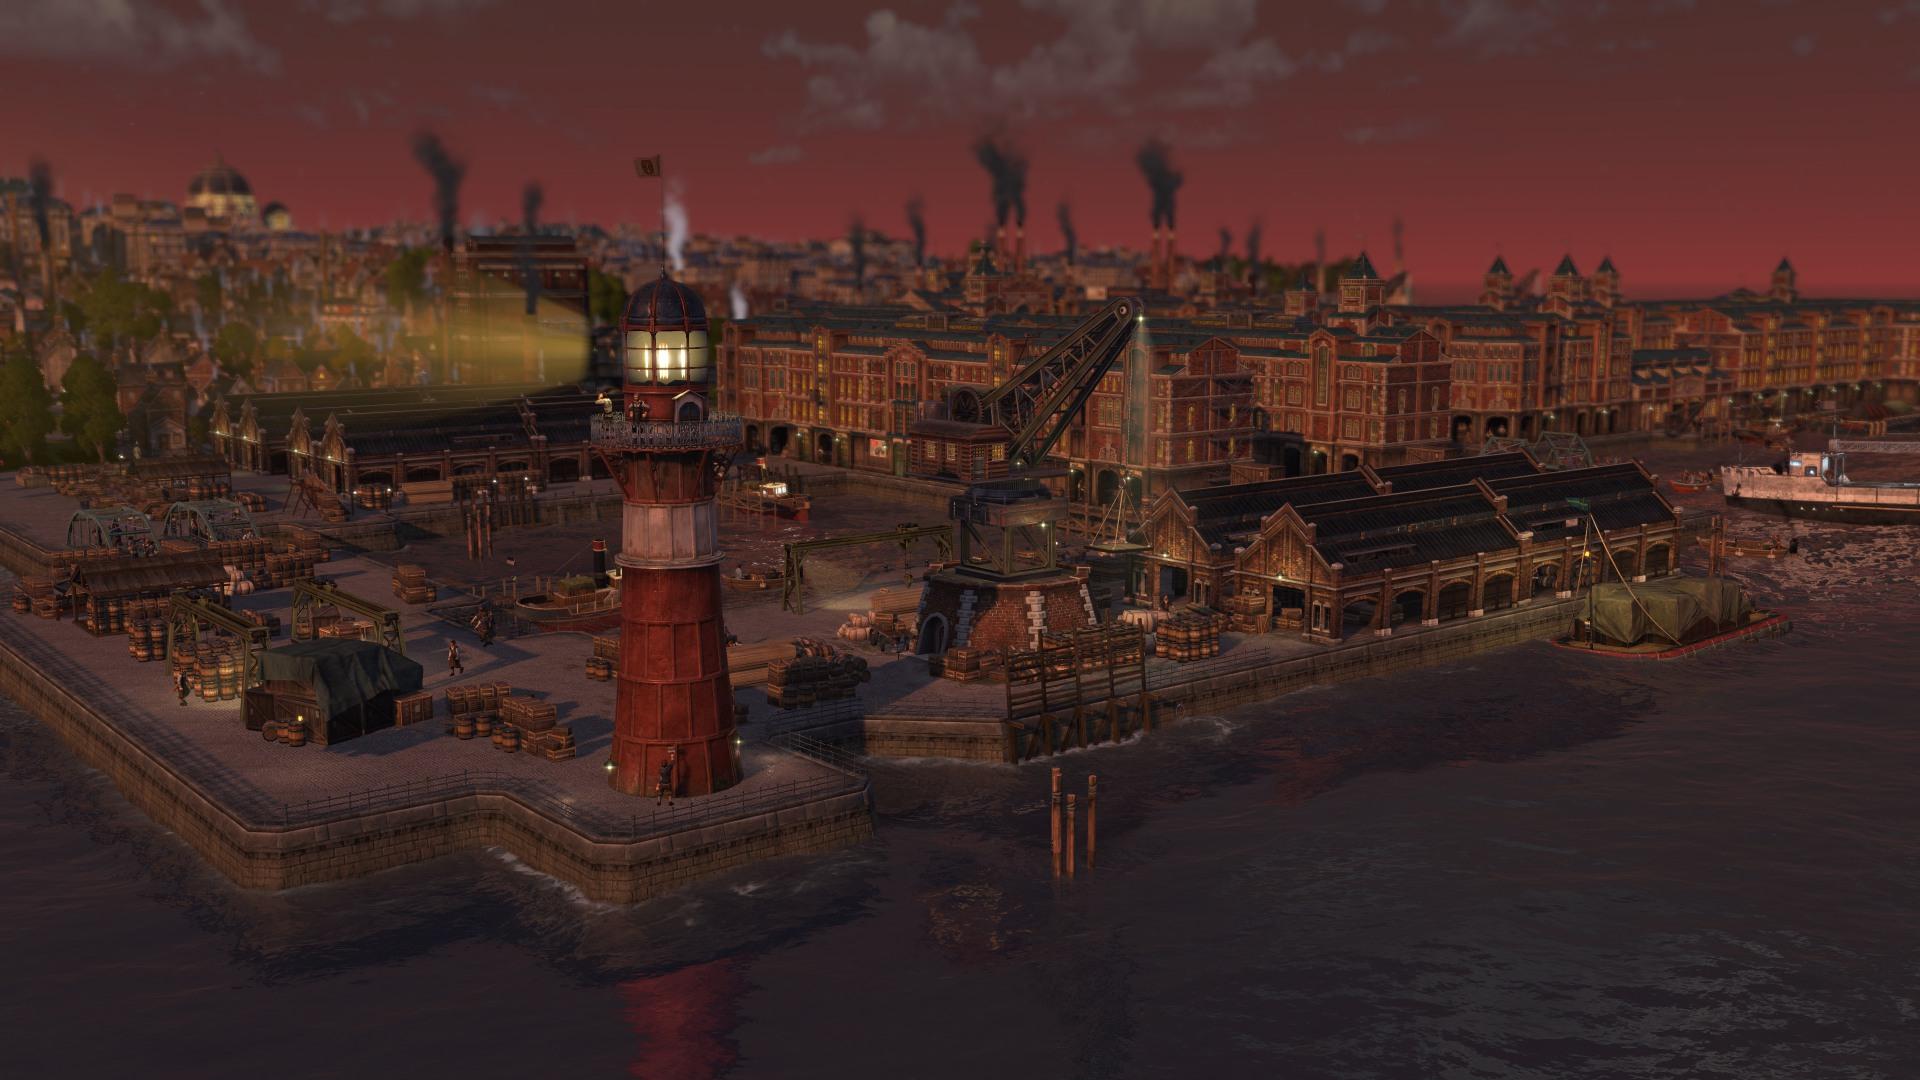 Anno1800_DLC7_Docklands_Screenshot_3-495116033a0dbdf6652.36930272.jpg